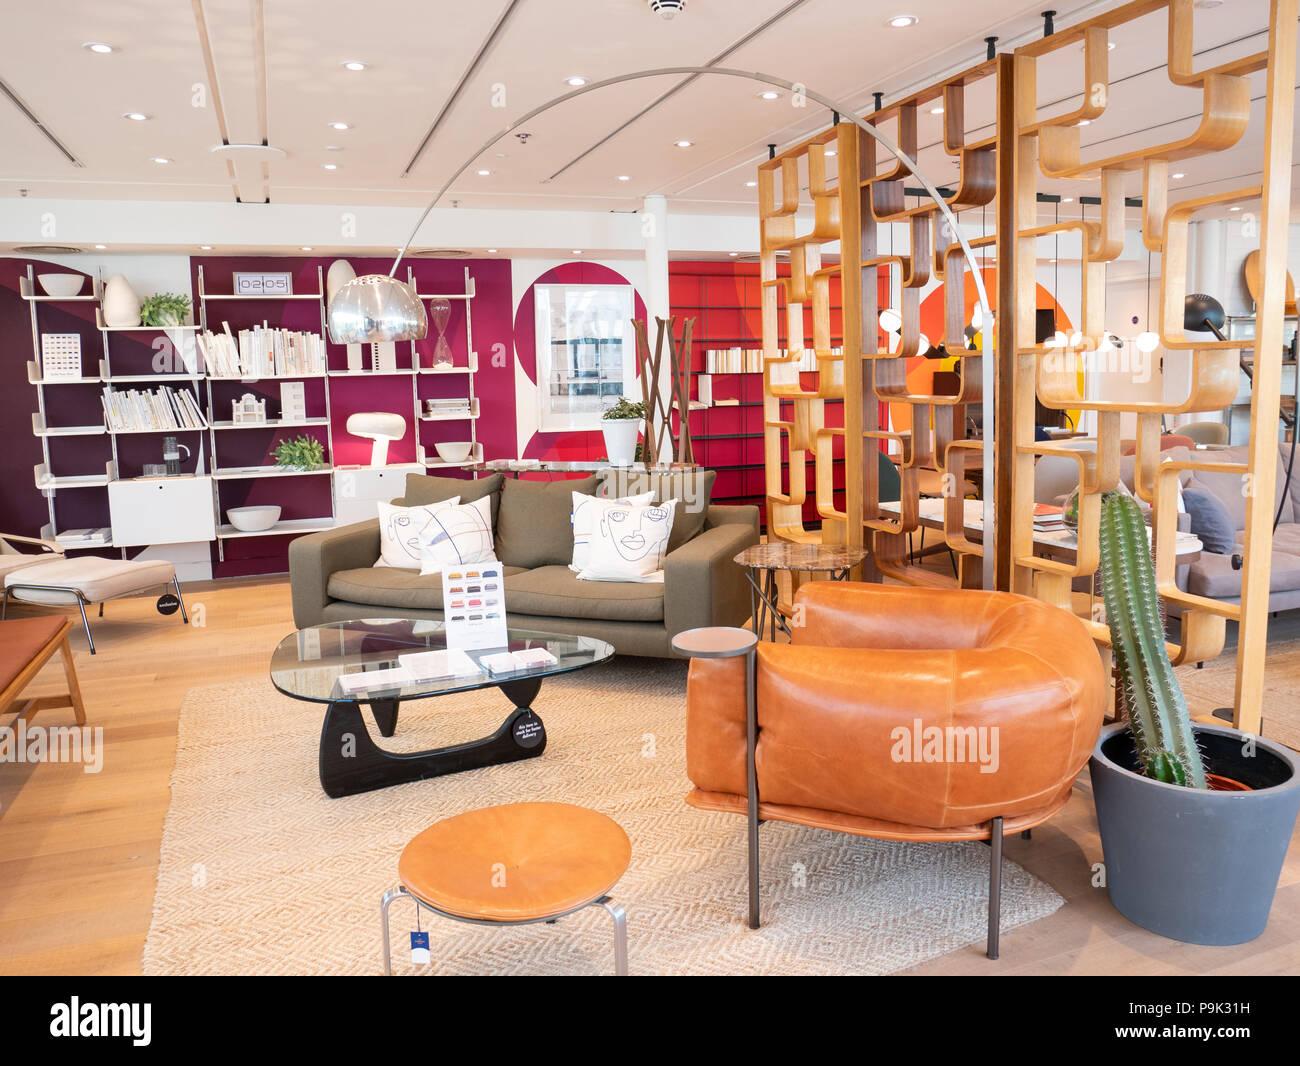 Il negozio Conran, Marylebone, London, Regno Unito Immagini Stock